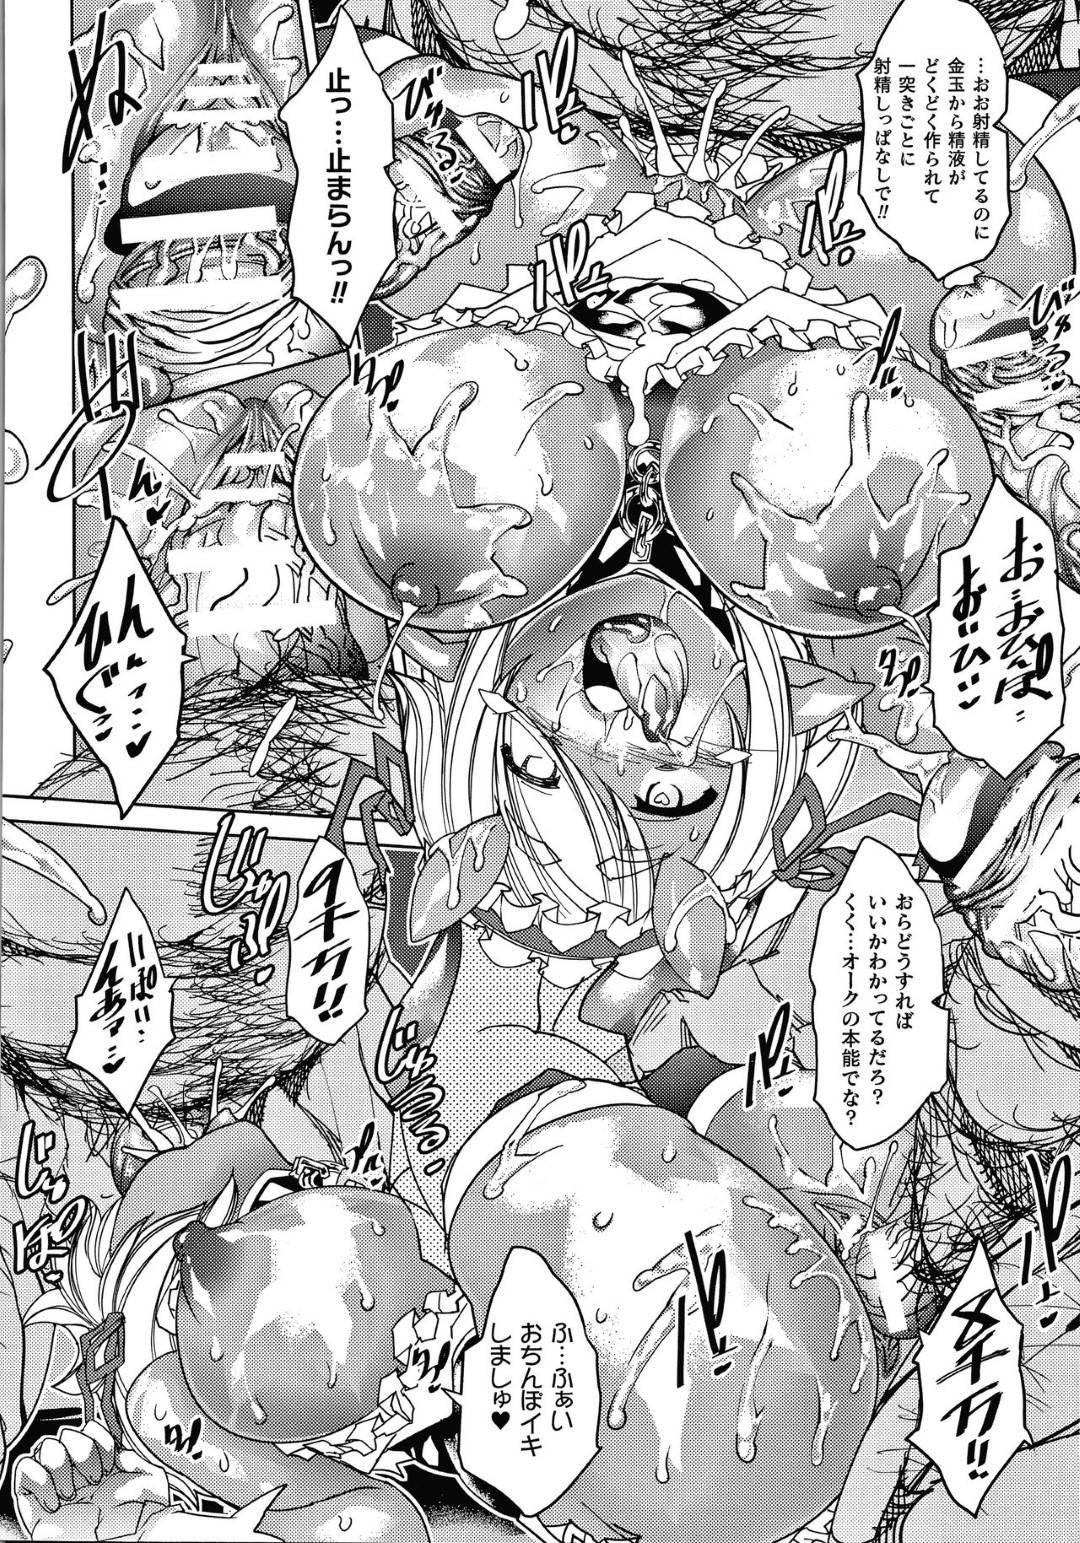 【エロ漫画】奴隷市で男たちに競売をかけられるミノタウロスの巨乳お姉さん…男たちは味見と言わんばかりに次々とチンポを挿入した中出ししまくって入札する。また他にも褐色オーク娘や妖精も同様に奴隷として犯されてしまうのだった。【あまぎみちひと:亜人ノ市】